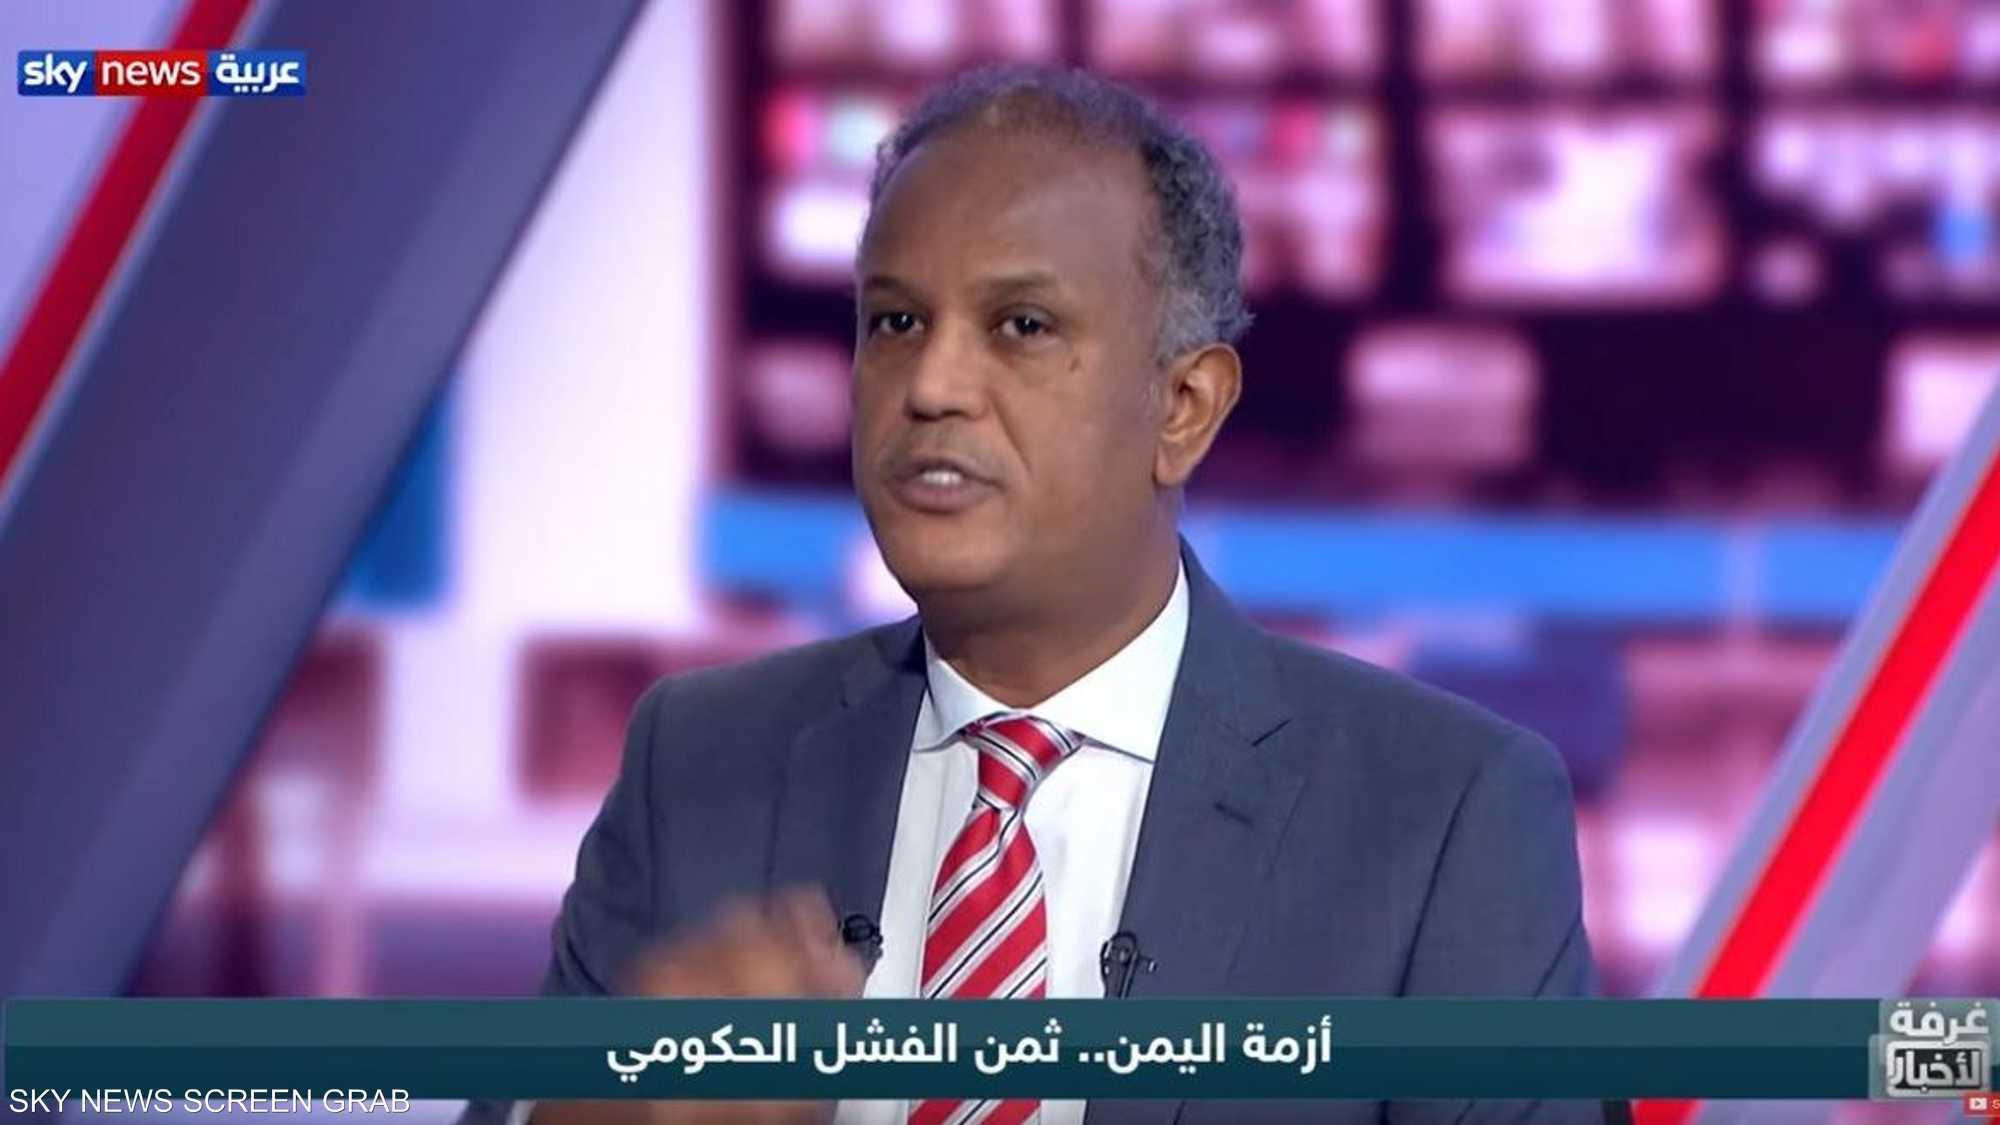 أزمة اليمن.. ثمن الفشل الحكومي